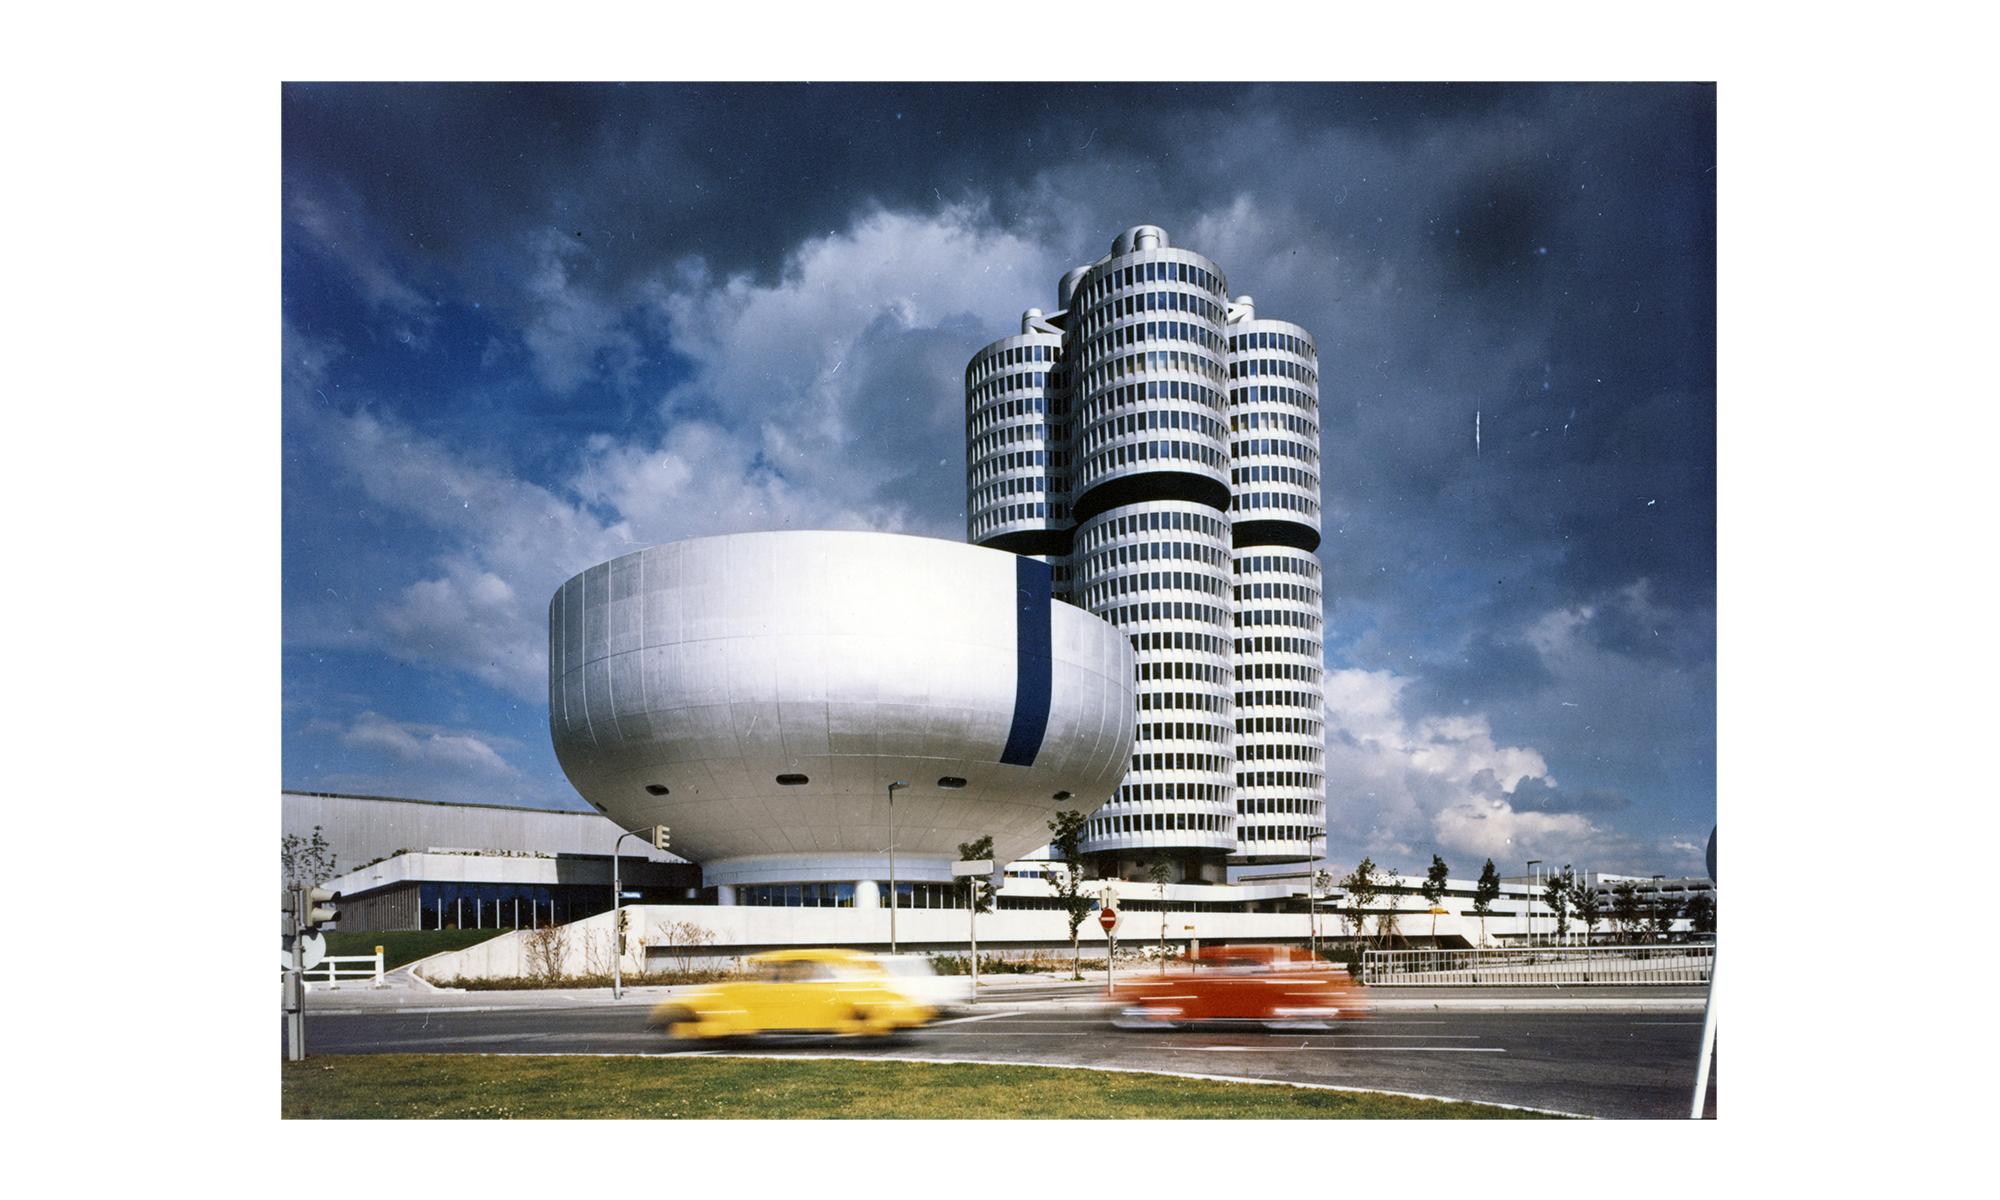 Zwei ungewöhnlich geformte silber glänzende Gebäude, davor schnell vorbeifahrende Autos in Rot und Gelb.